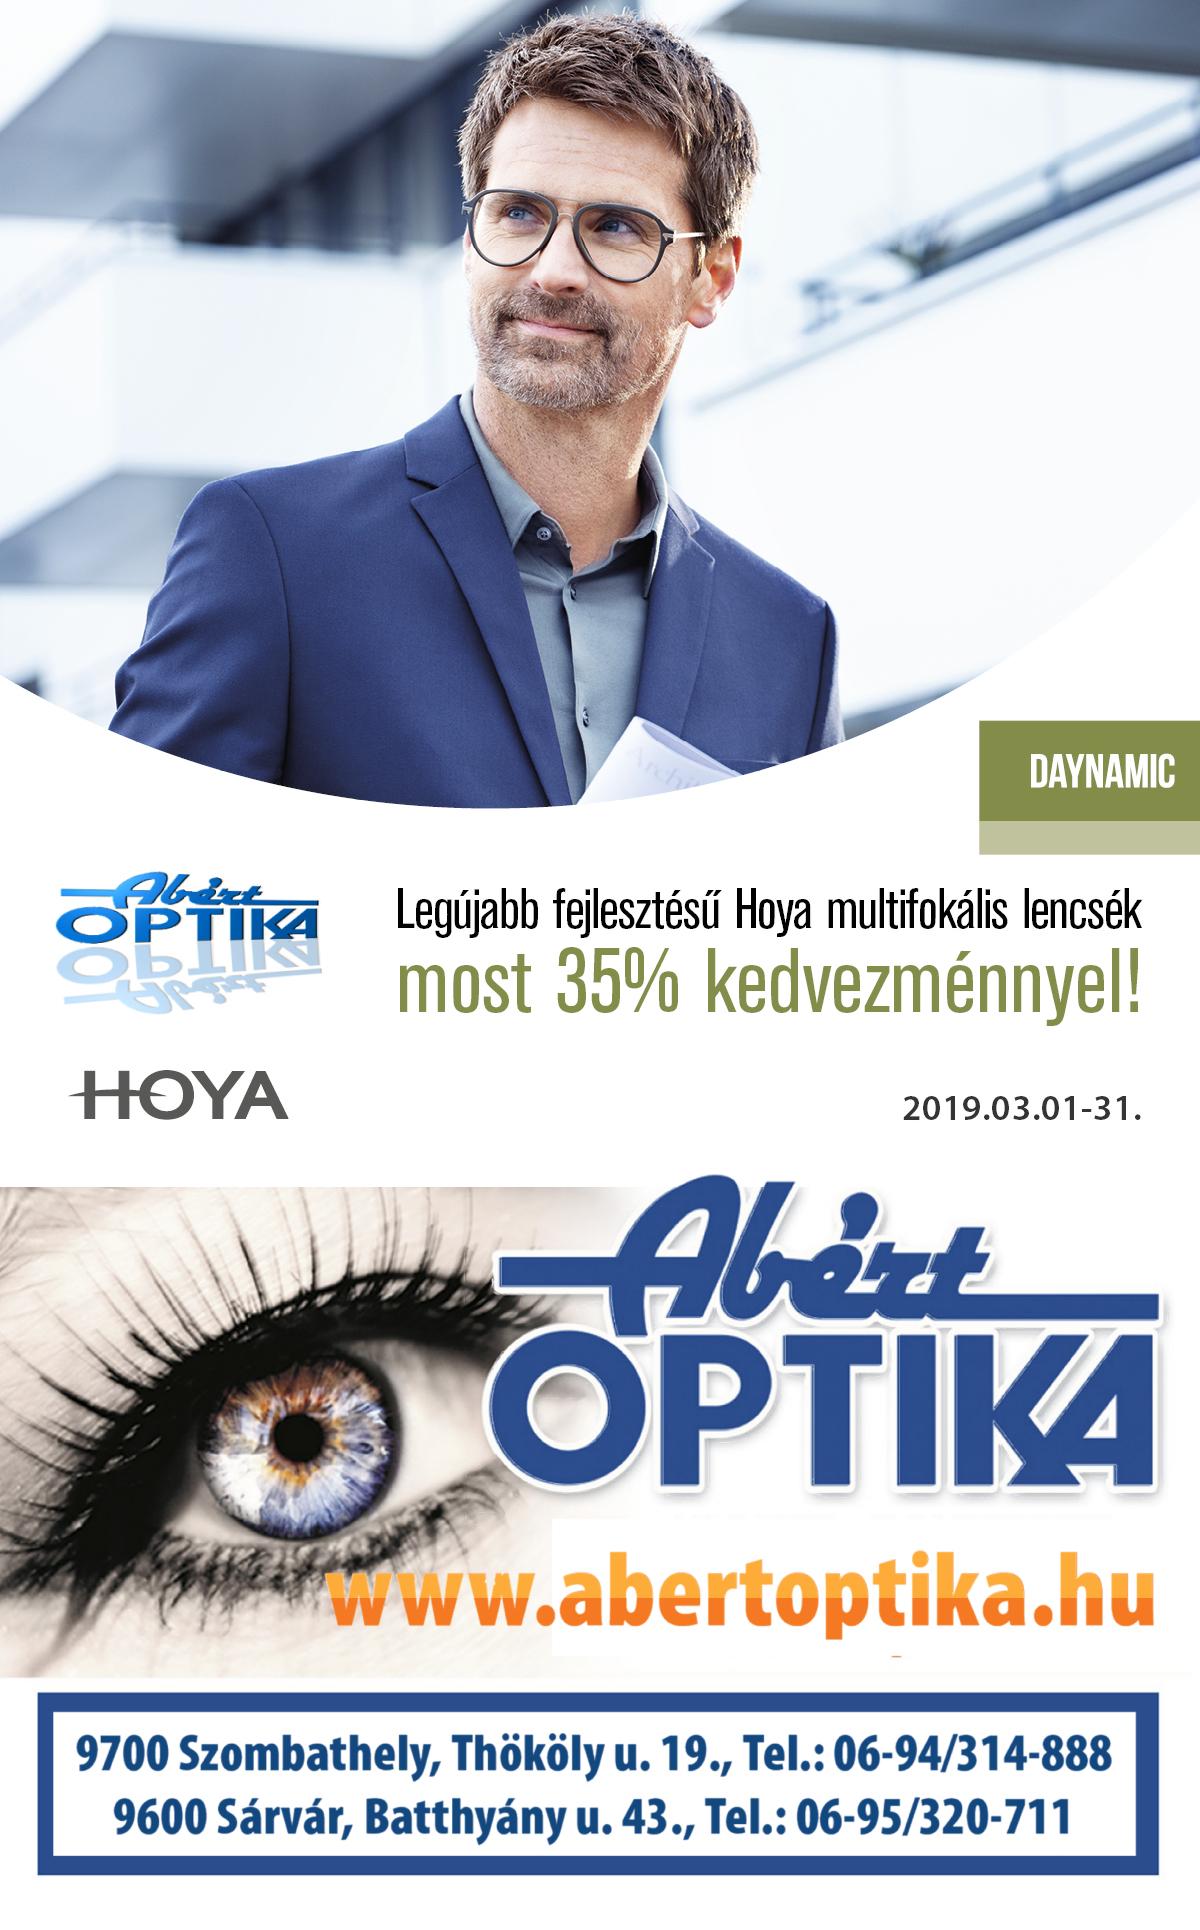 Hoya legújabb fejlesztésű multifokális lencséi 35% kedvezménnyel b11f650590